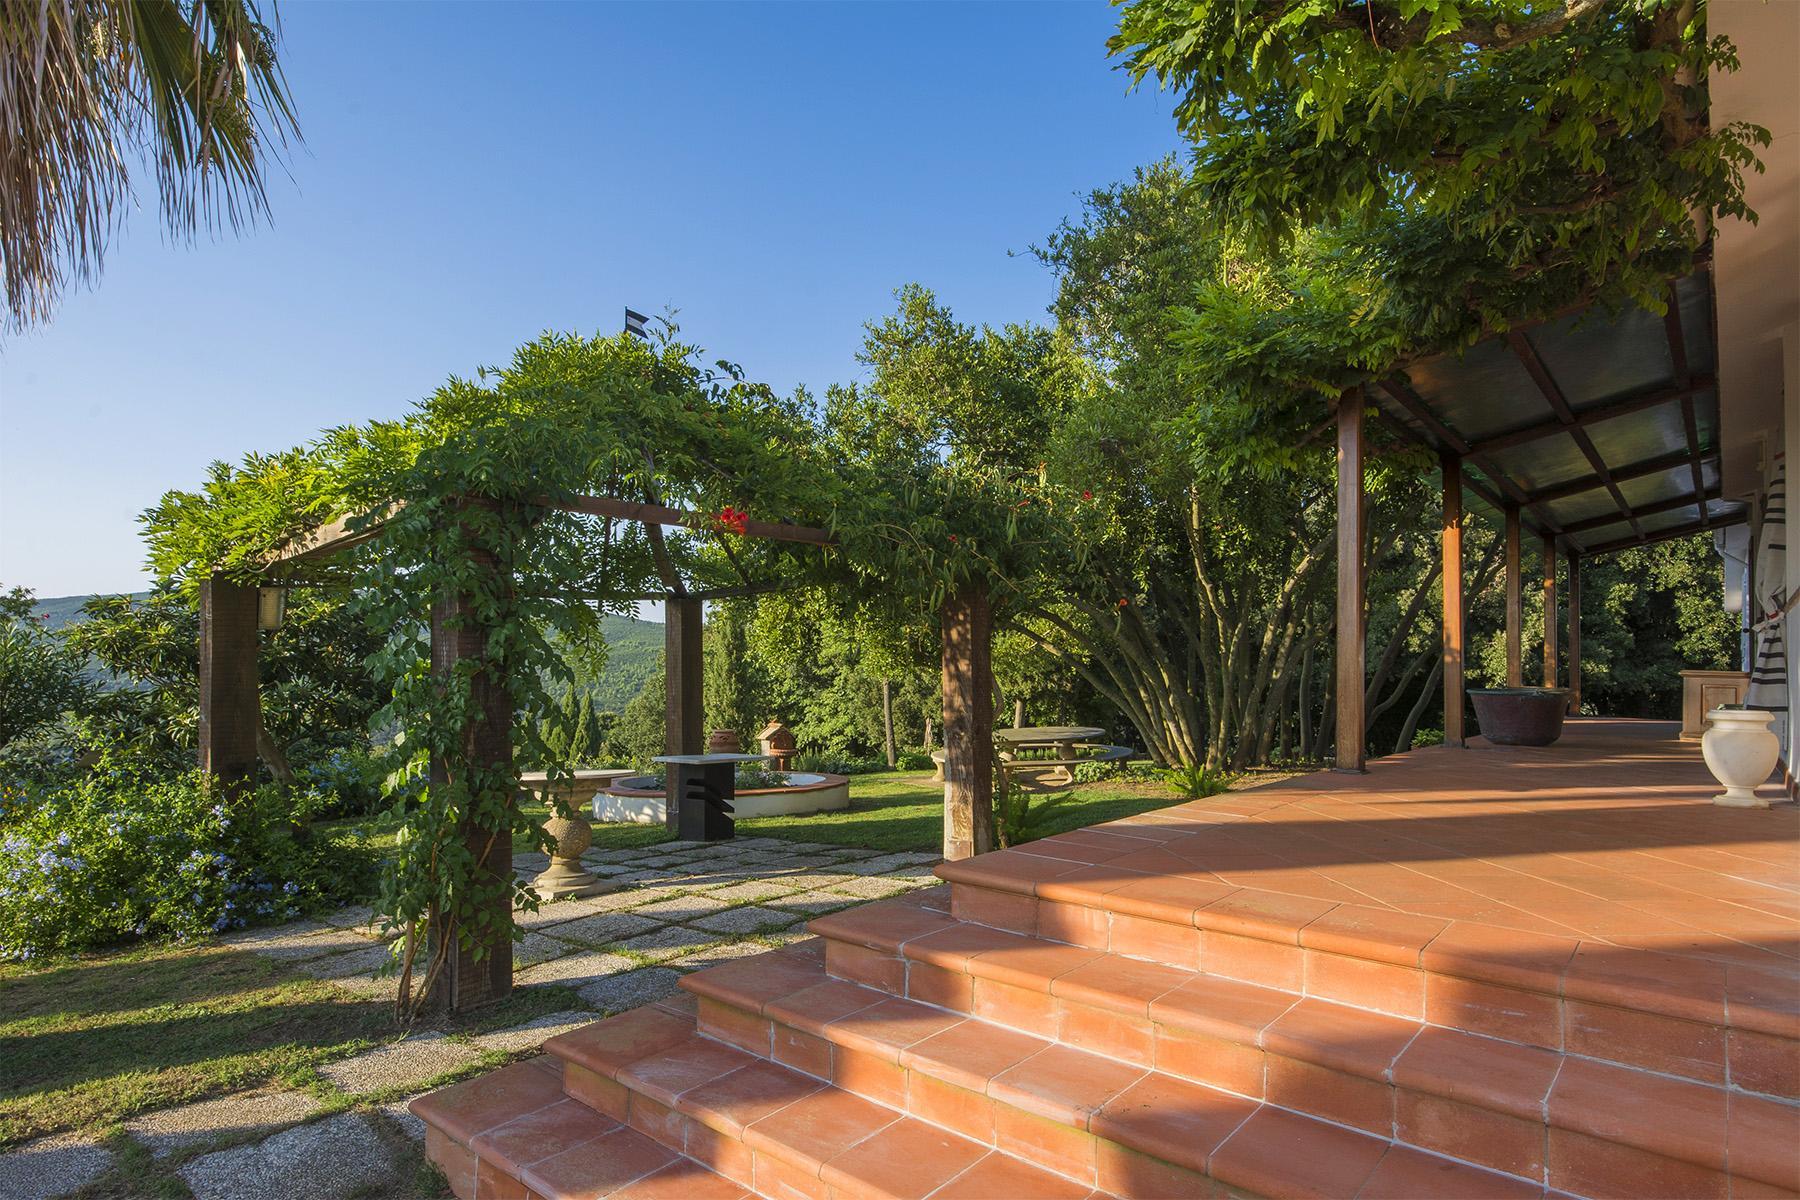 Villa in collina vista mare, nei pressi di Castiglioncello - 17